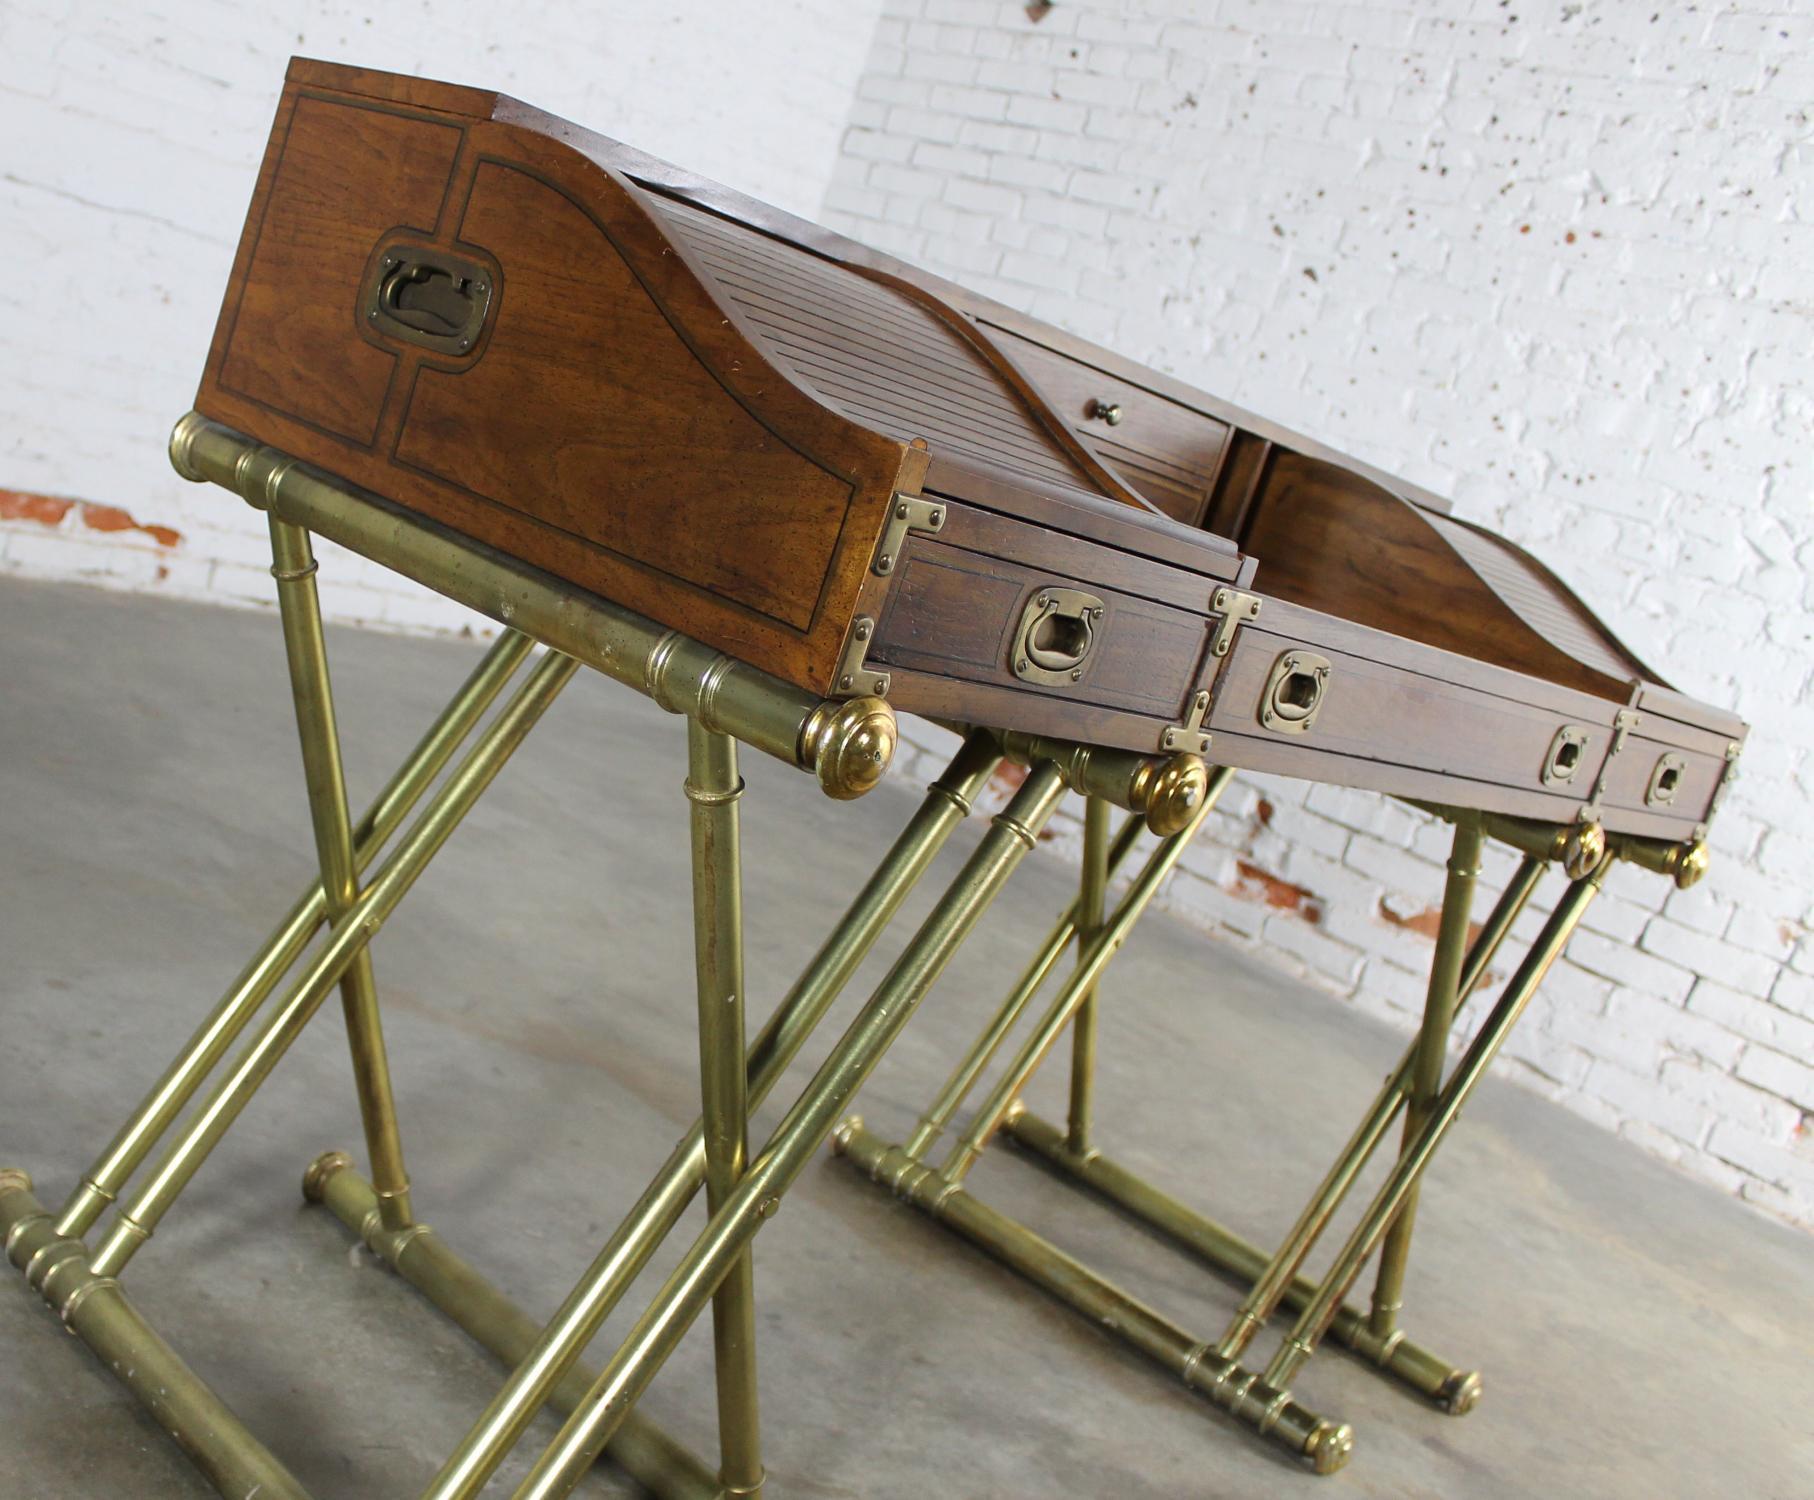 image of vintage drexel campaign rolltop desk - Rolltop Desk